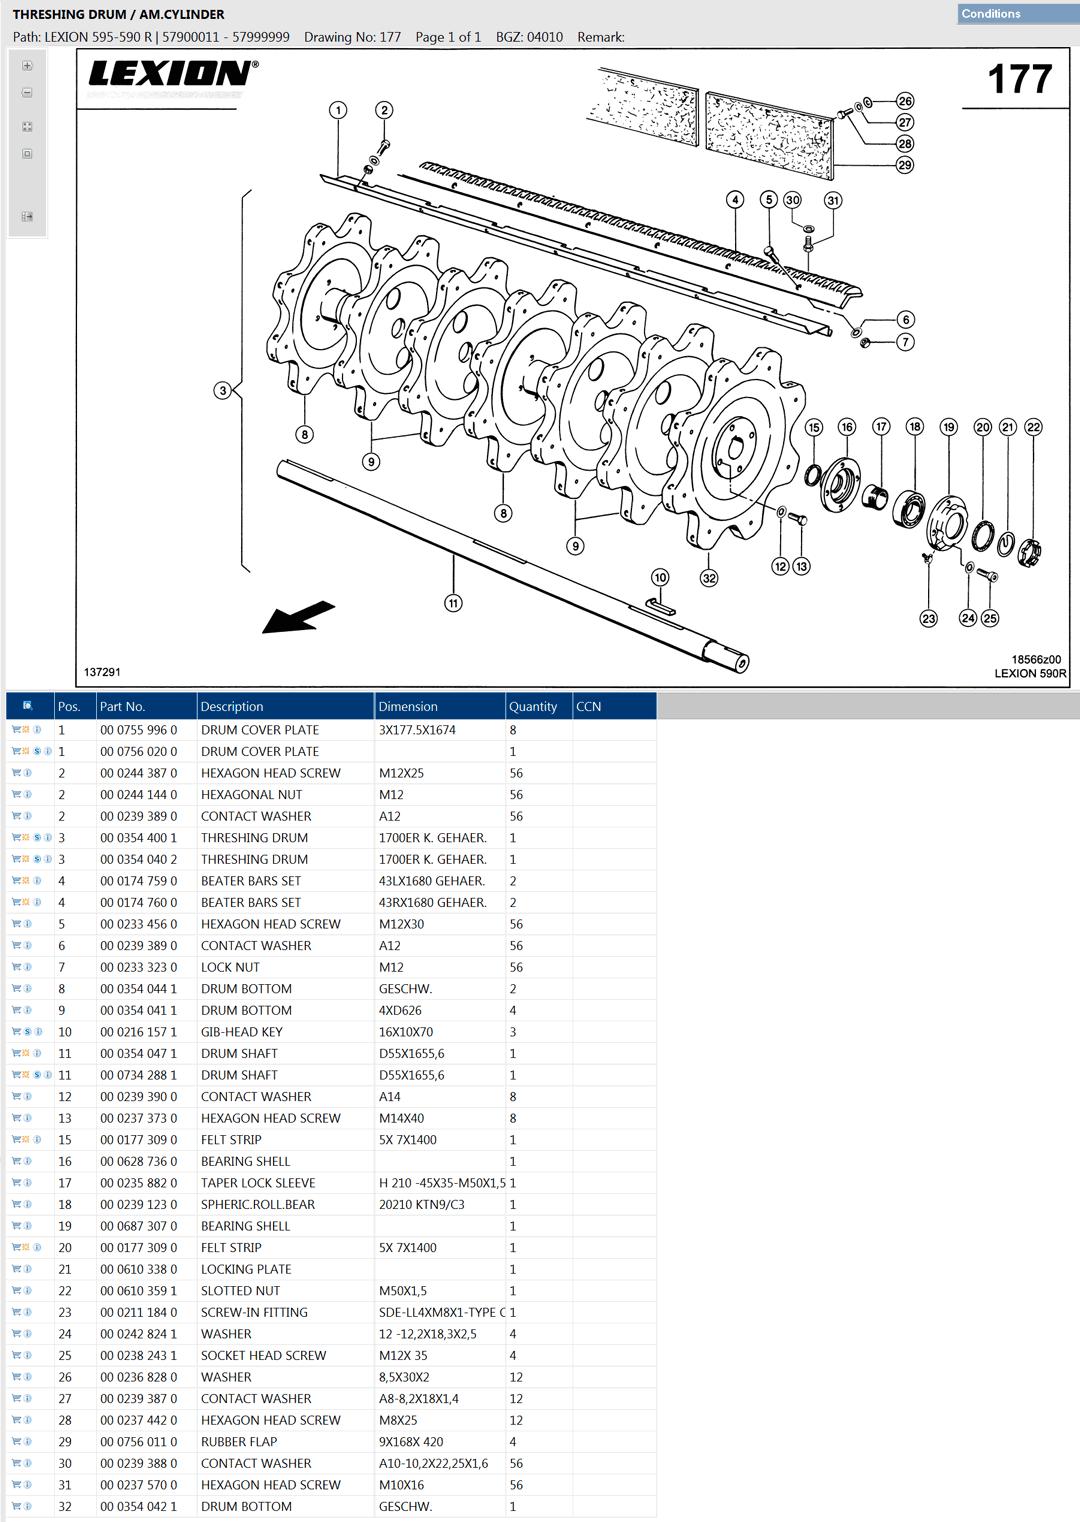 Lexion 595R parts and schemes - threshing drum